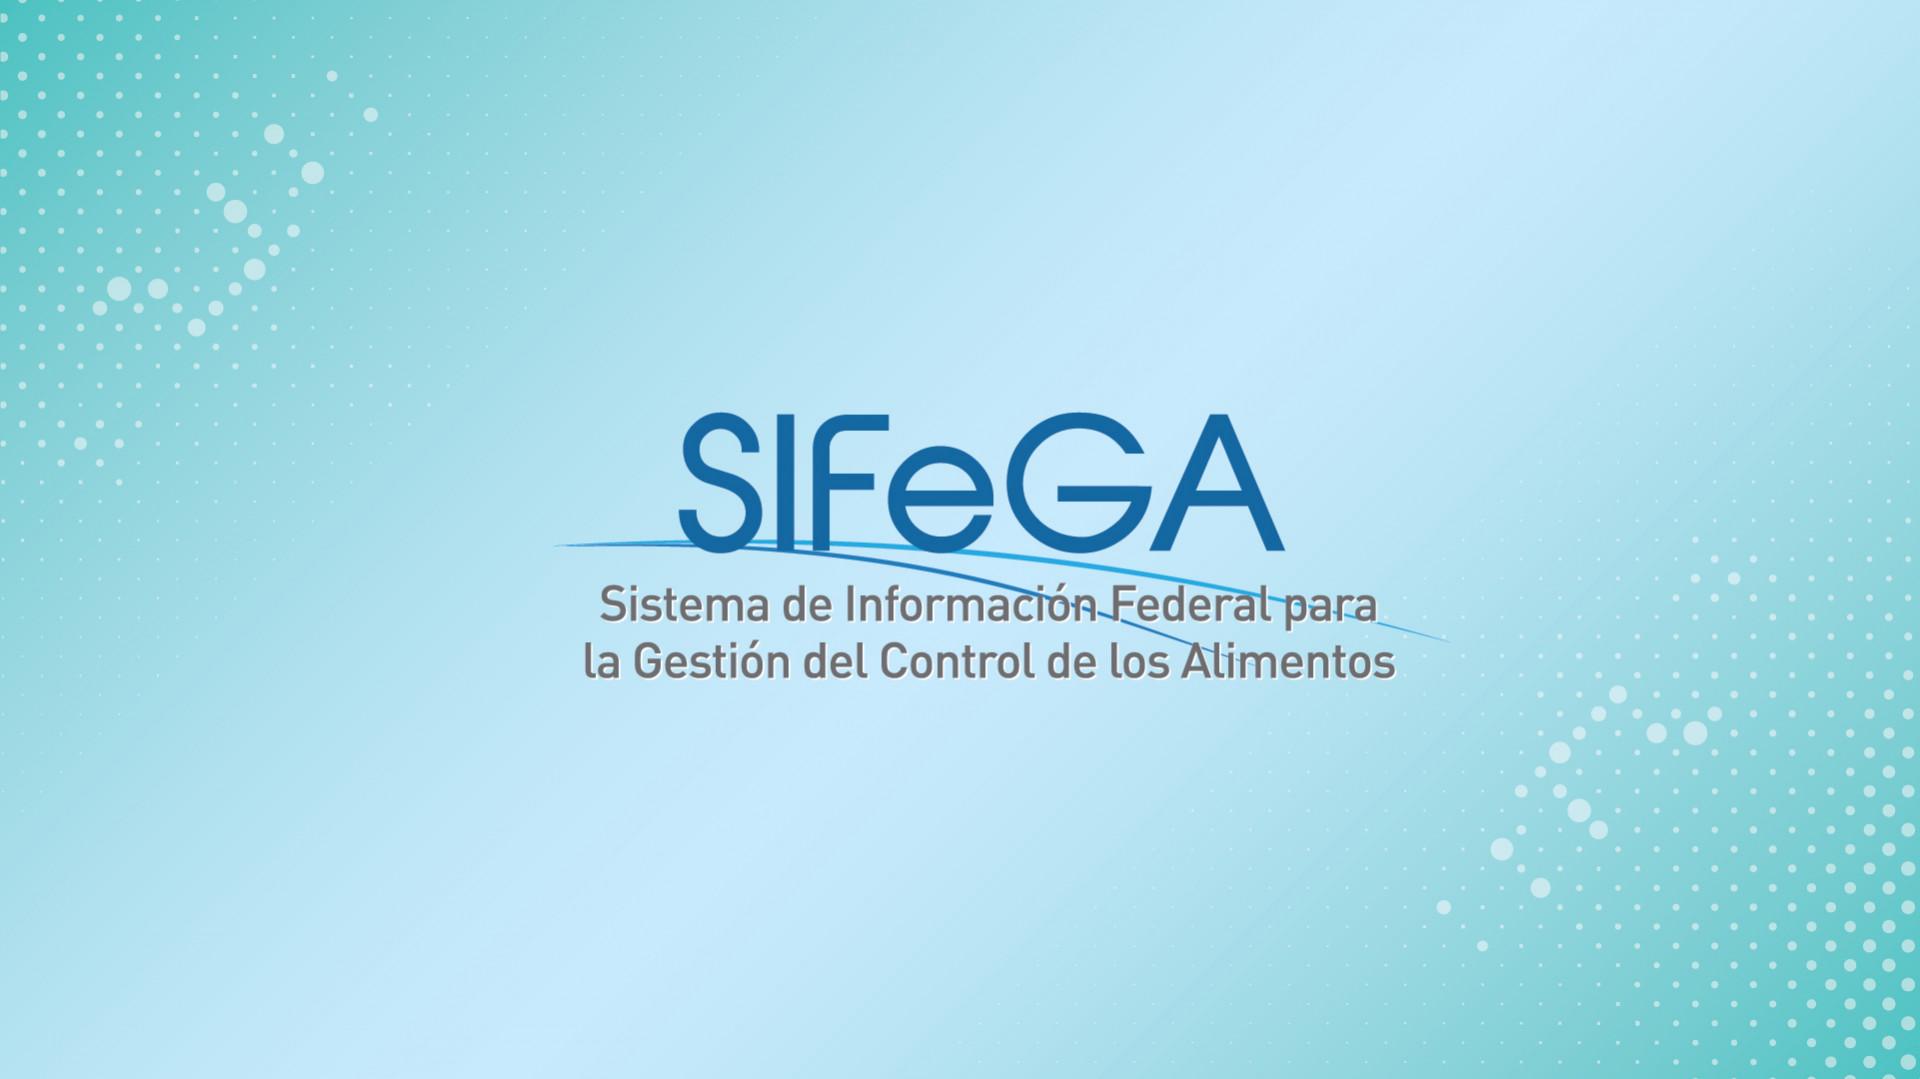 El SIFeGA se implementó en Mendoza para la autorización de alimentos |  Argentina.gob.ar